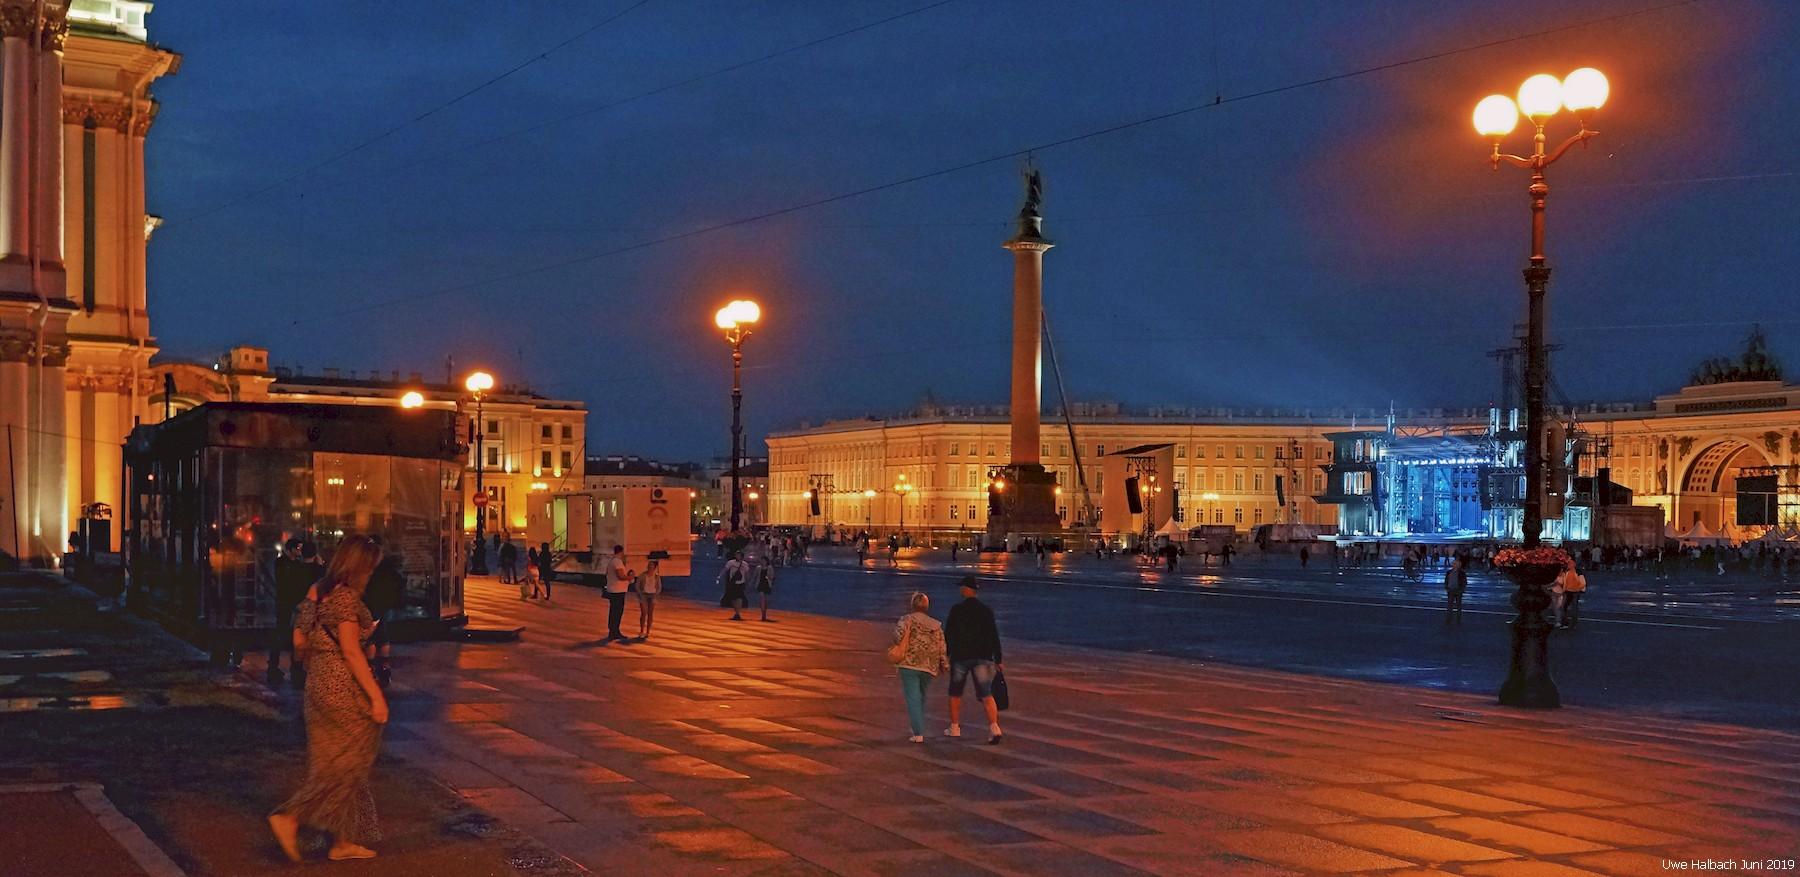 22-Petersburg-abends-1800